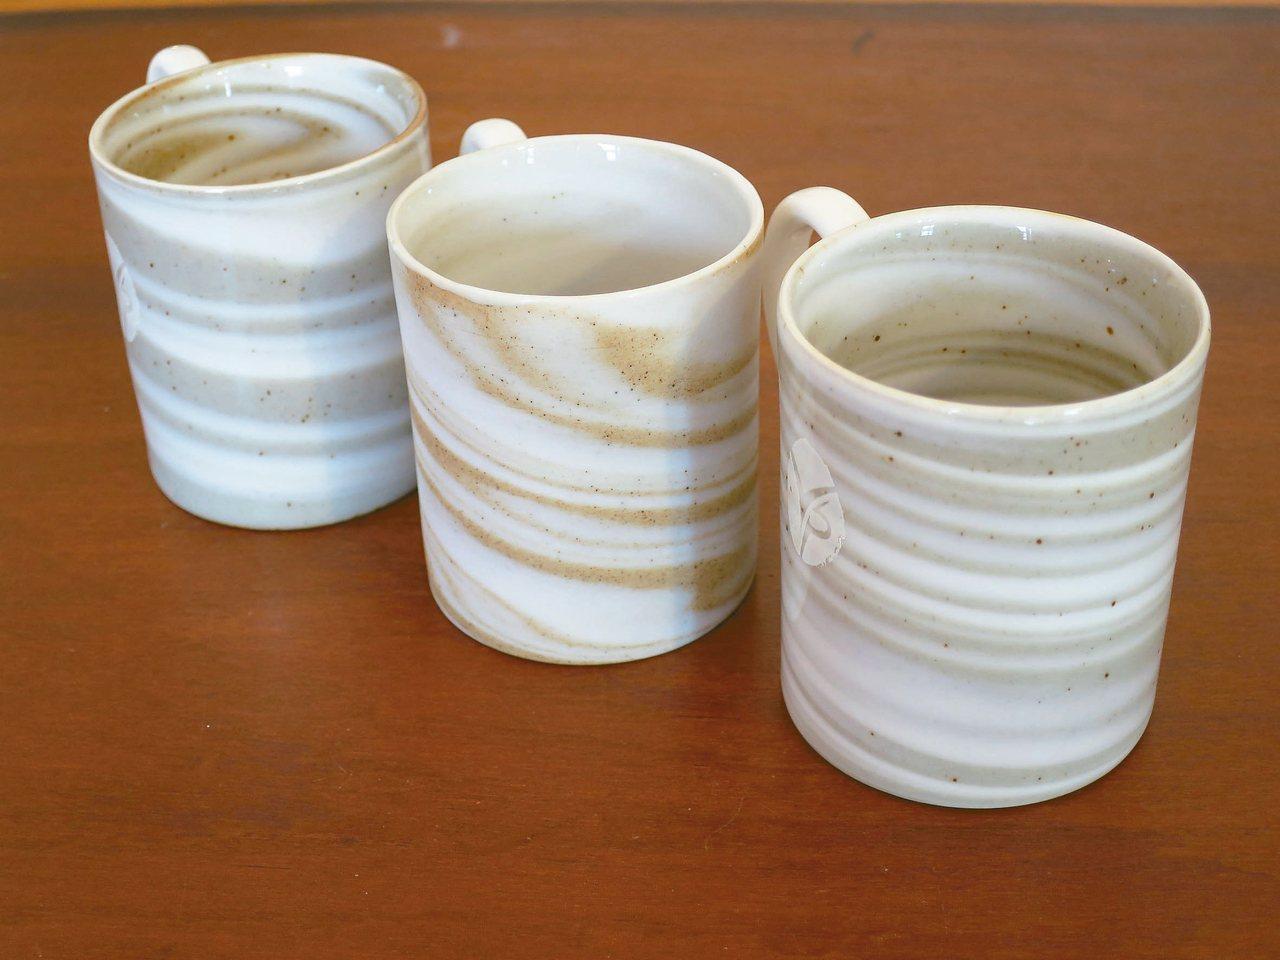 「泥紋杯」由陶土和瓷土混合,以高溫燒成,每一隻色澤都不相同。 圖/于國華提供